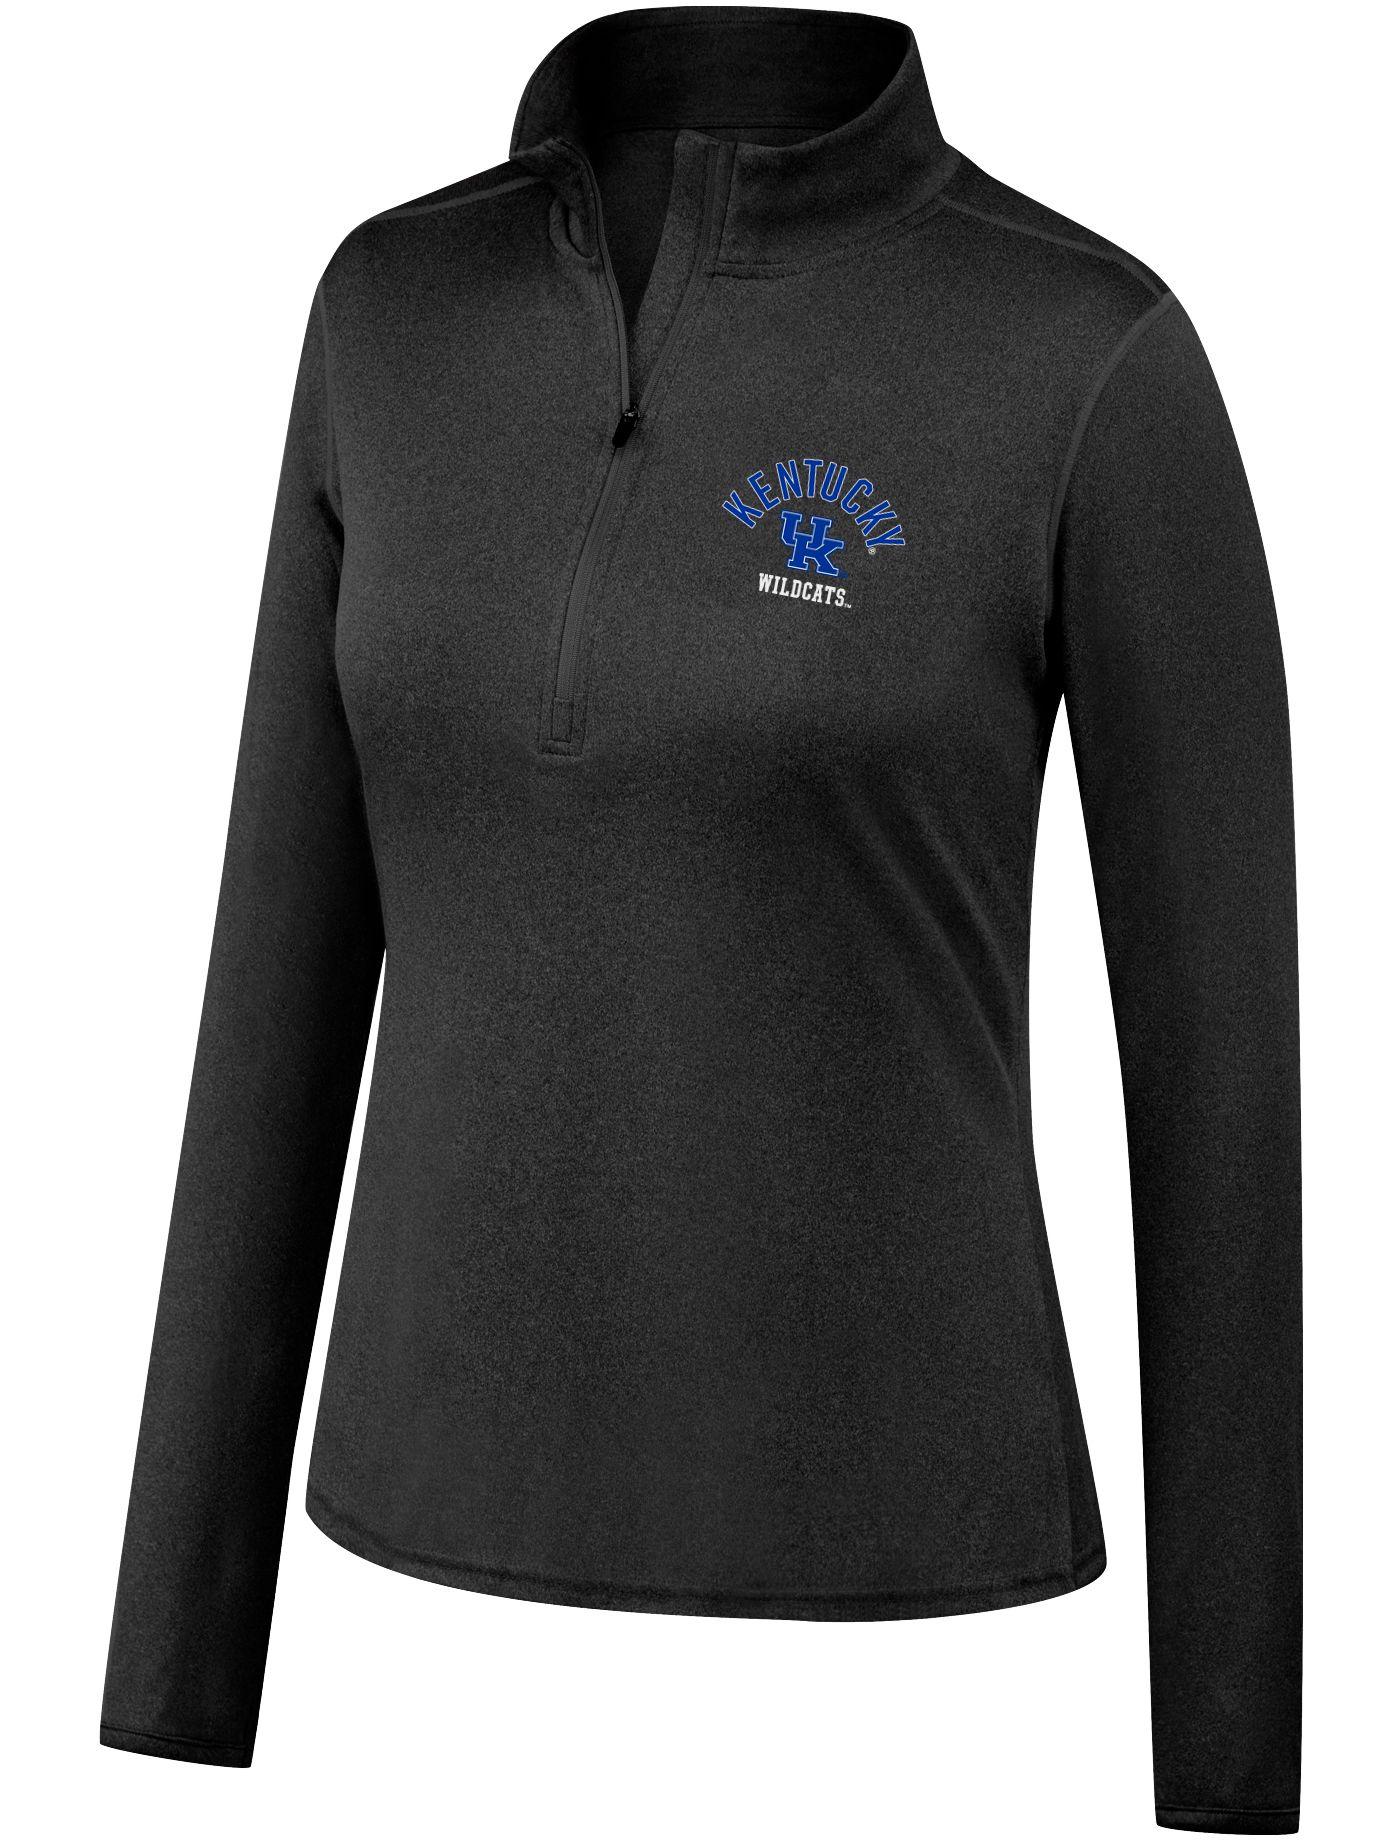 Top of the World Women's Kentucky Wildcats Quarter-Zip Black Shirt